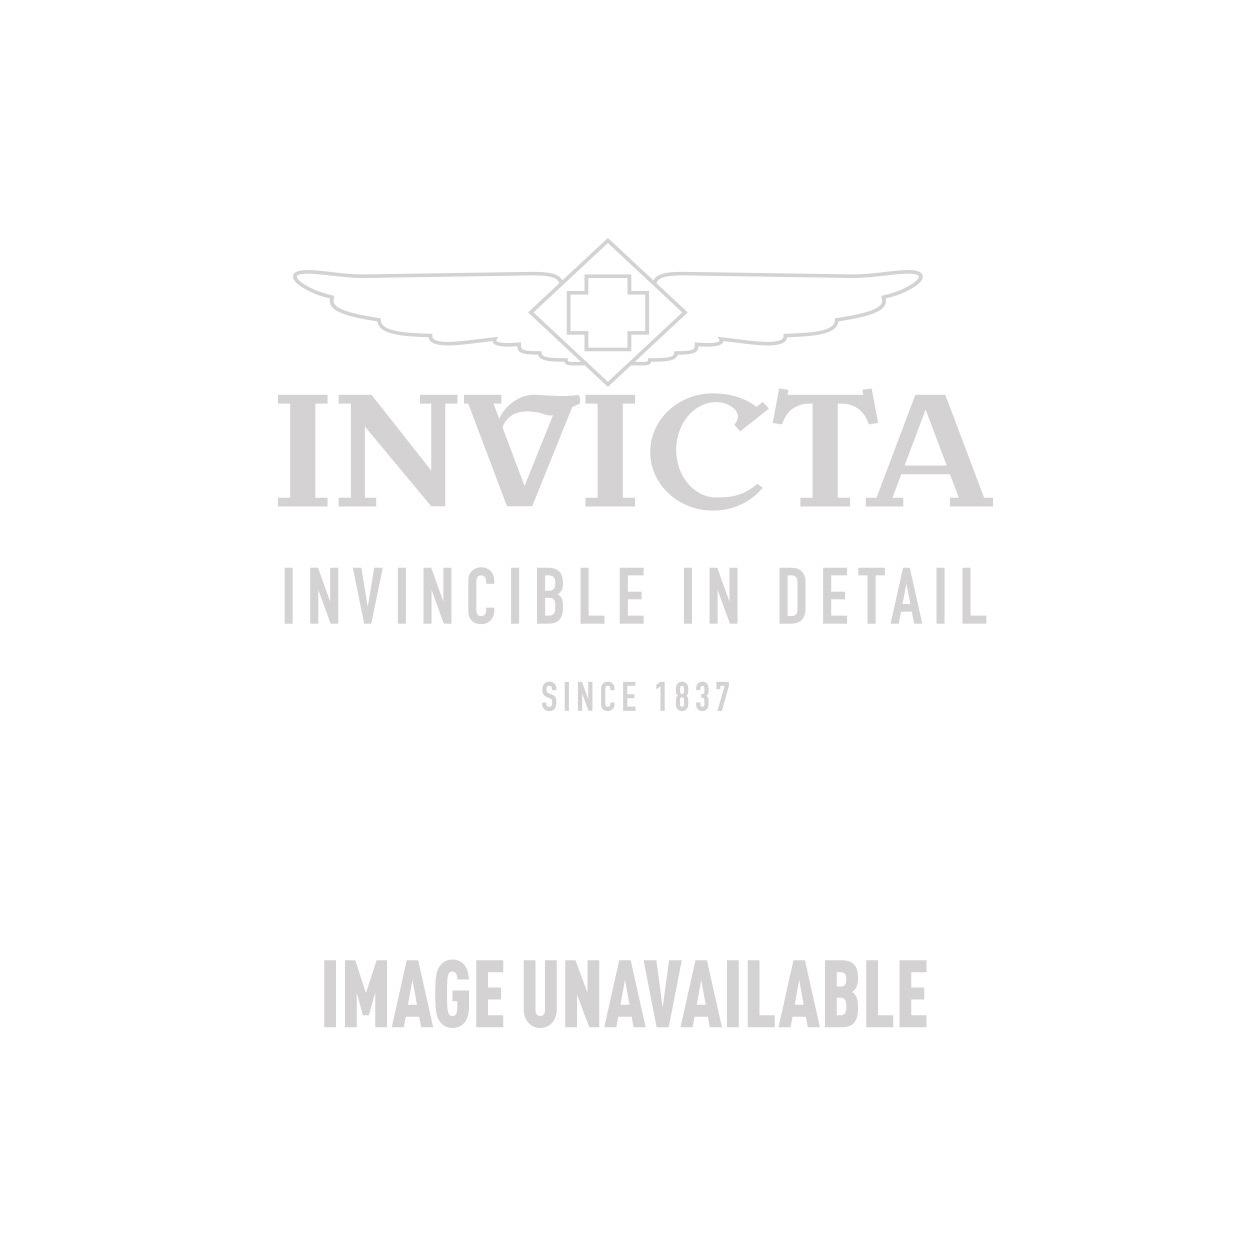 Invicta Model 25454